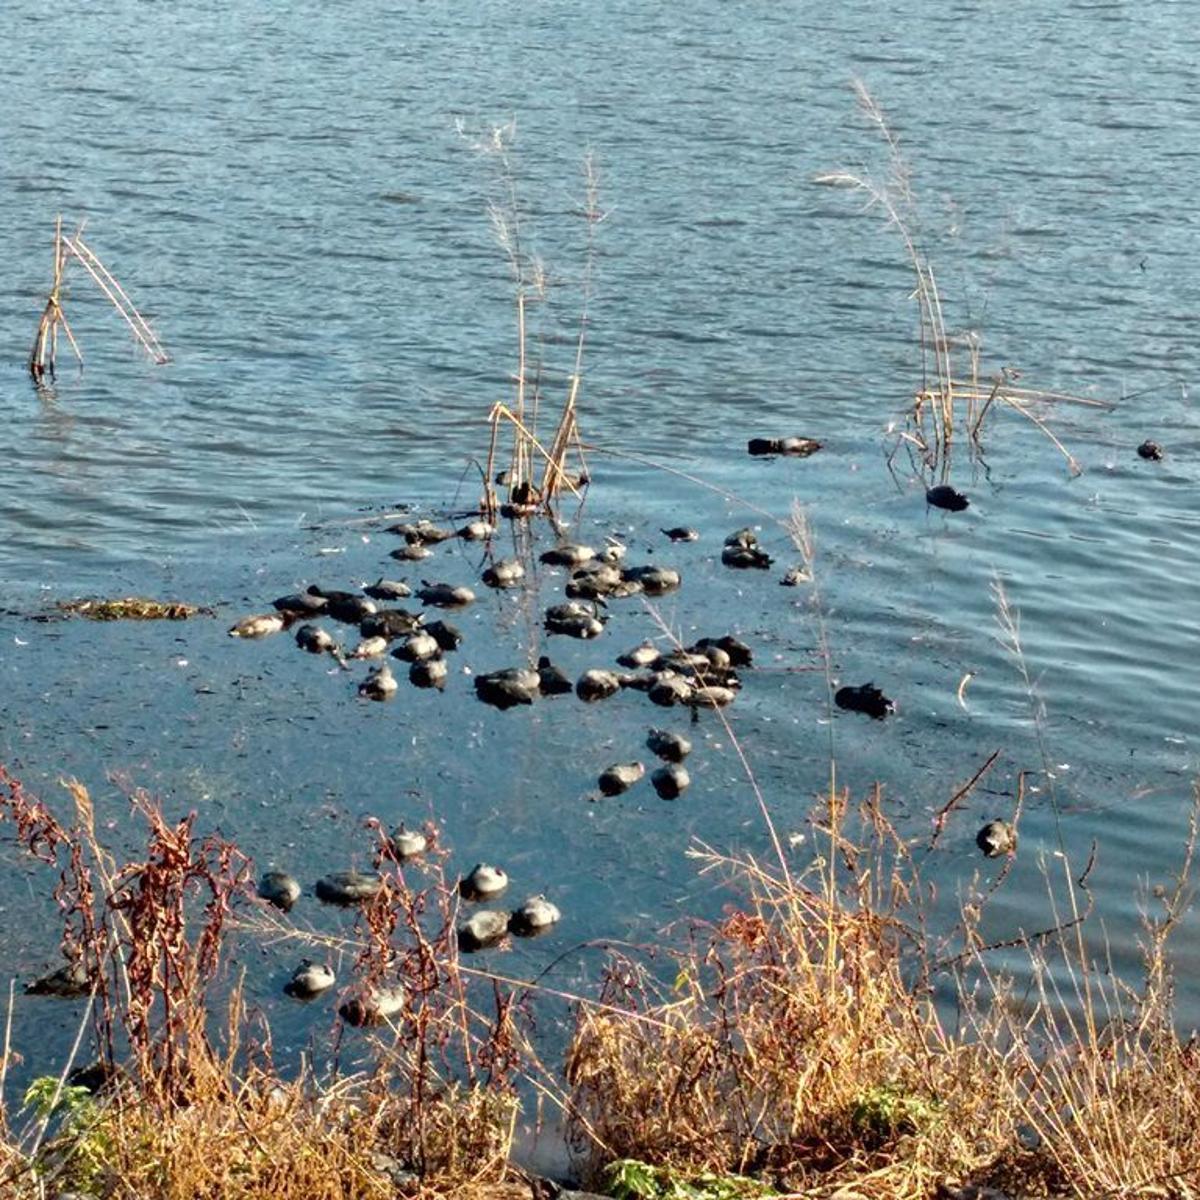 Invasive snail blamed for annual Mississippi River bird kill